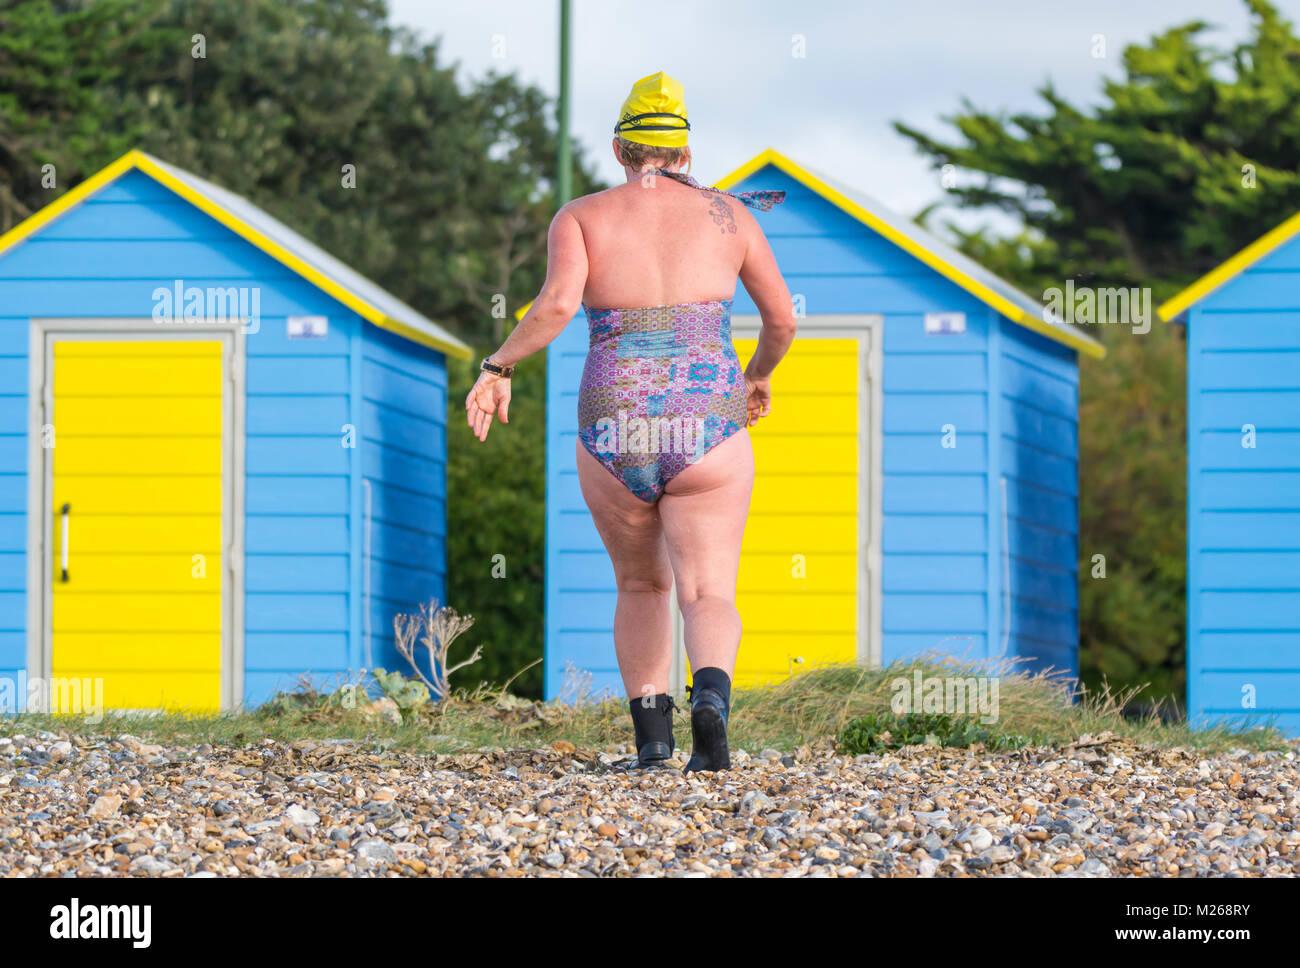 La donna in un pezzo unico costume da bagno dopo una nuotata nel mare in un freddo giorno nel Regno Unito. Immagini Stock